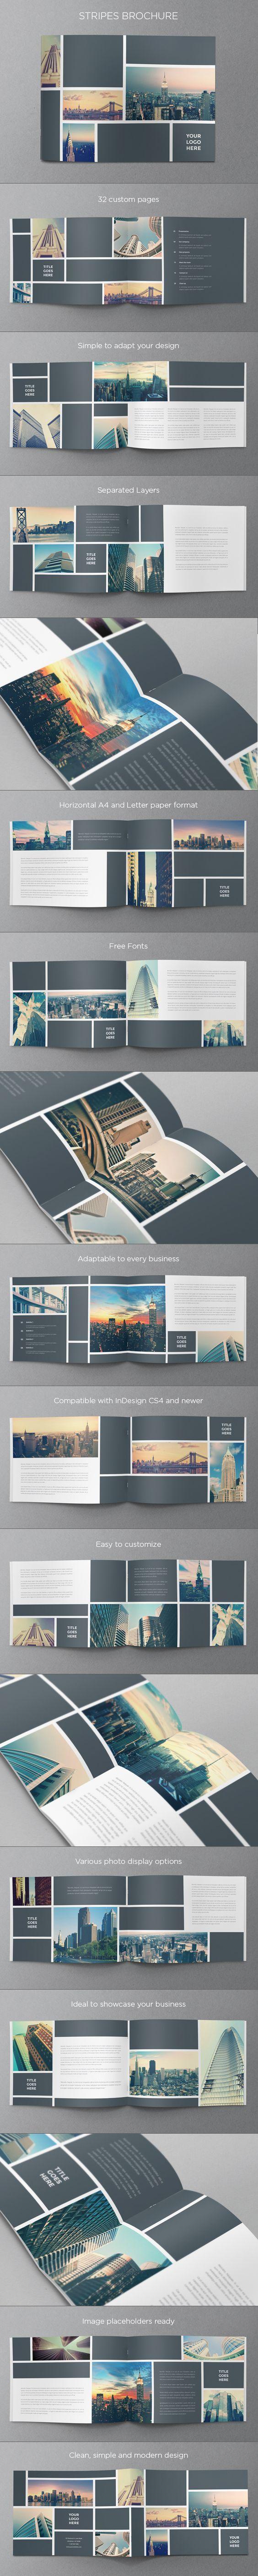 Real Estate Stripes Brochure. Download here: http://graphicriver.net/item/real-estate-stripes-brochure/6058277 #design #brochure